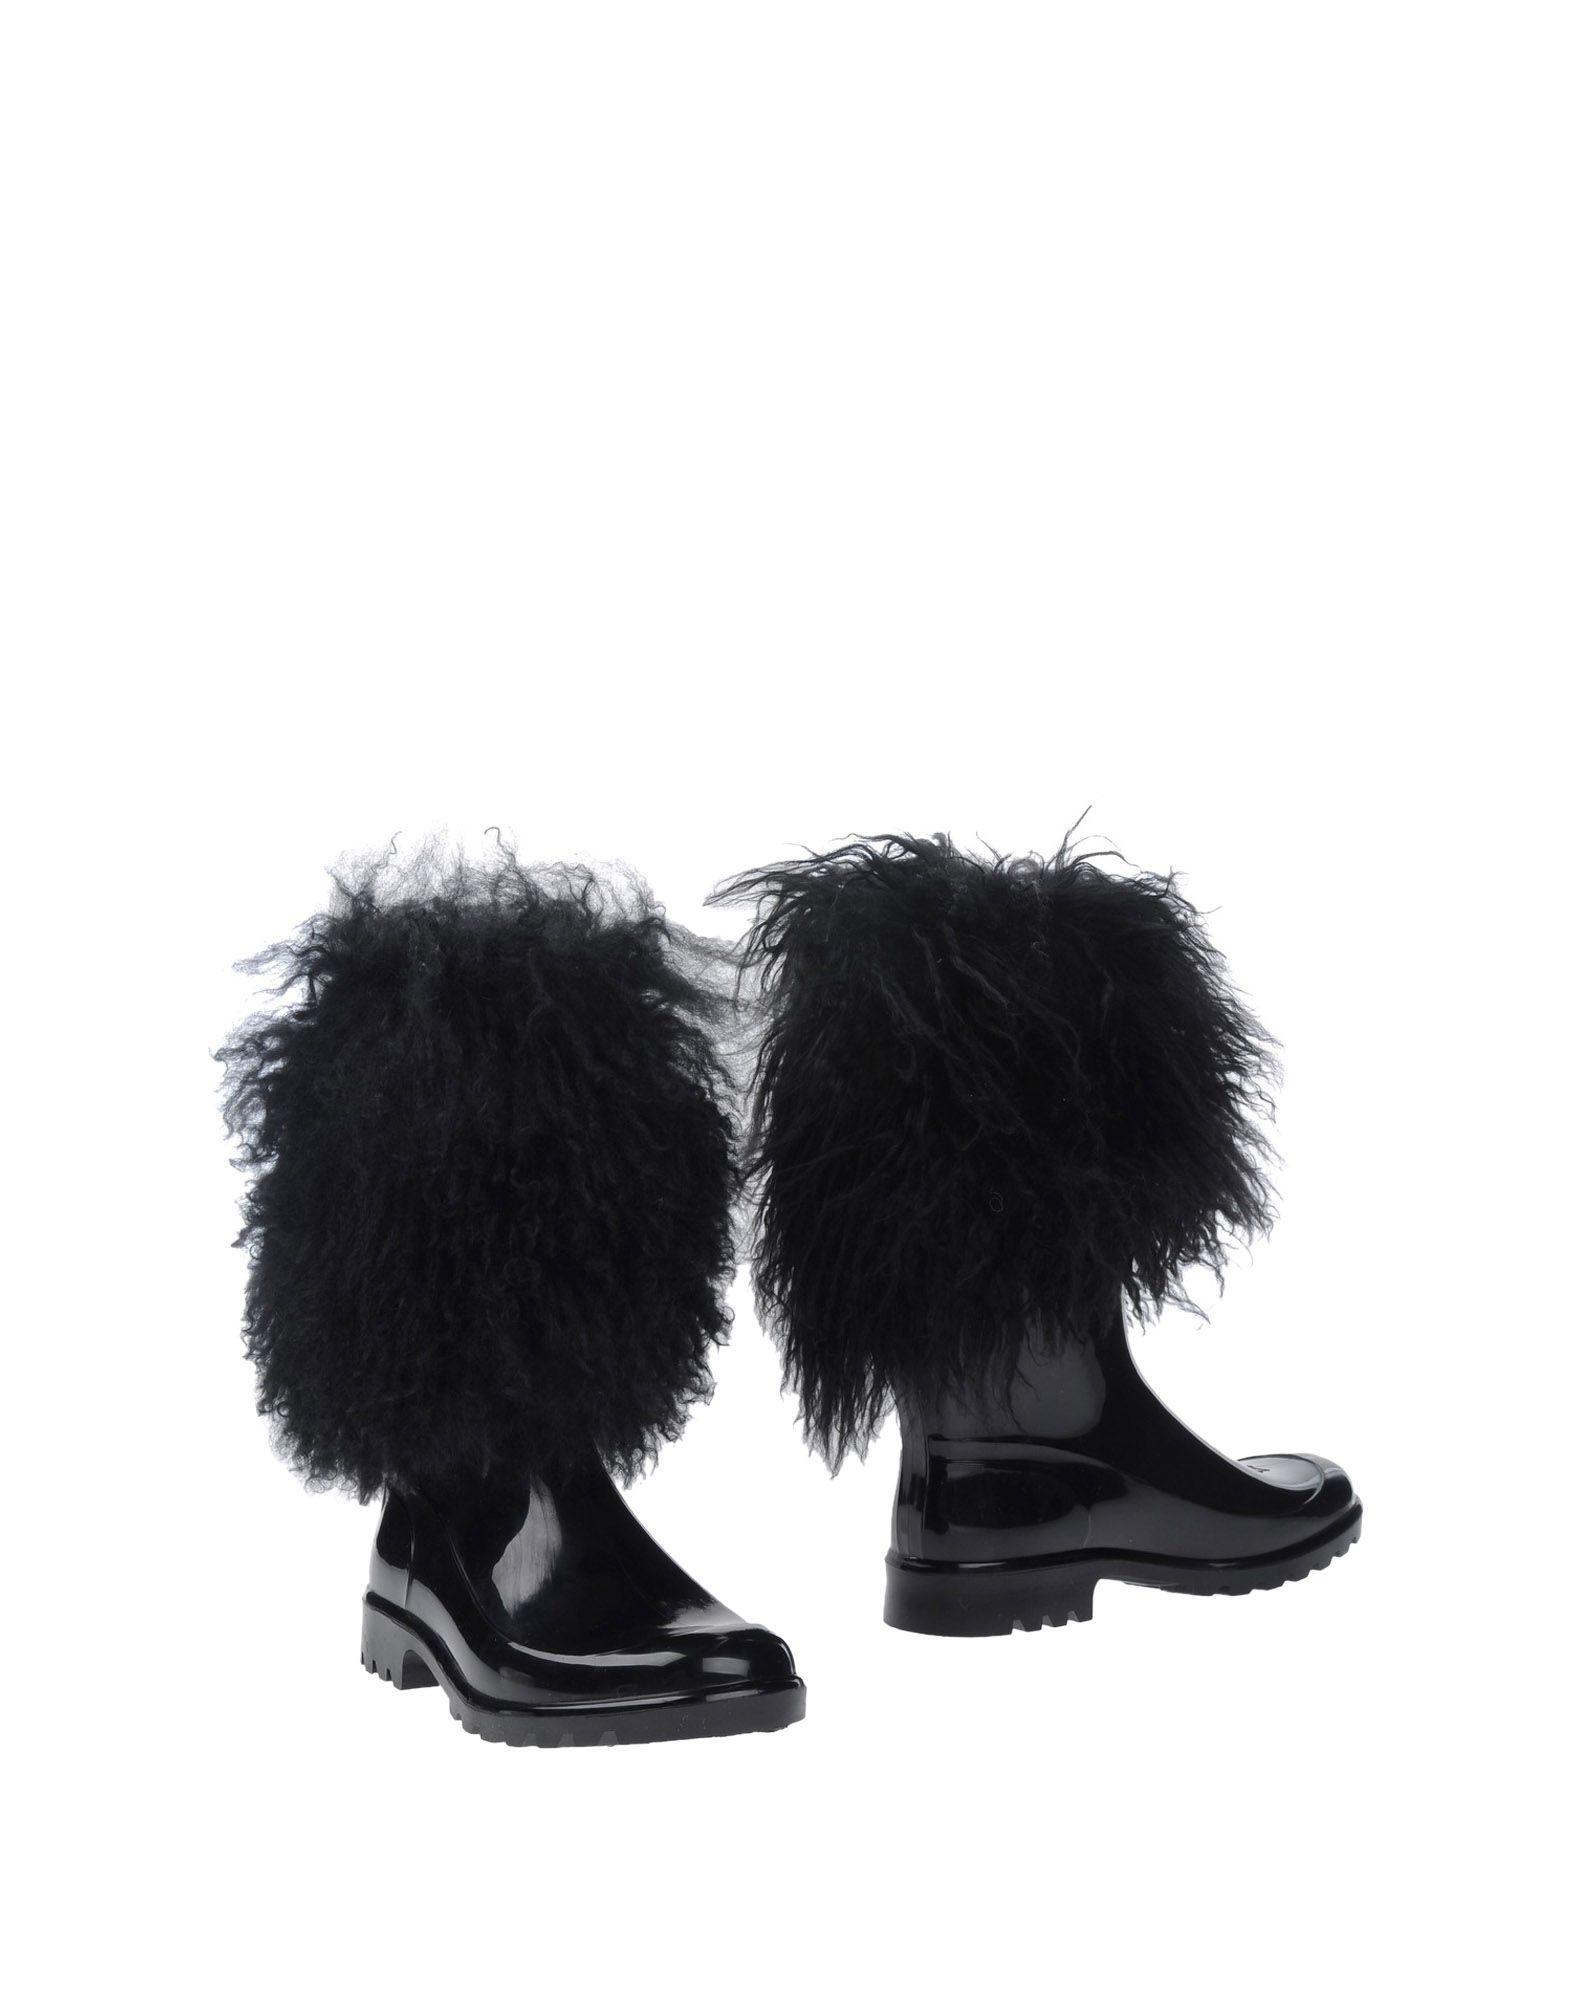 Dolce Stiefel & Gabbana Stiefel Dolce Damen  11049077RF Neue Schuhe eeb90c